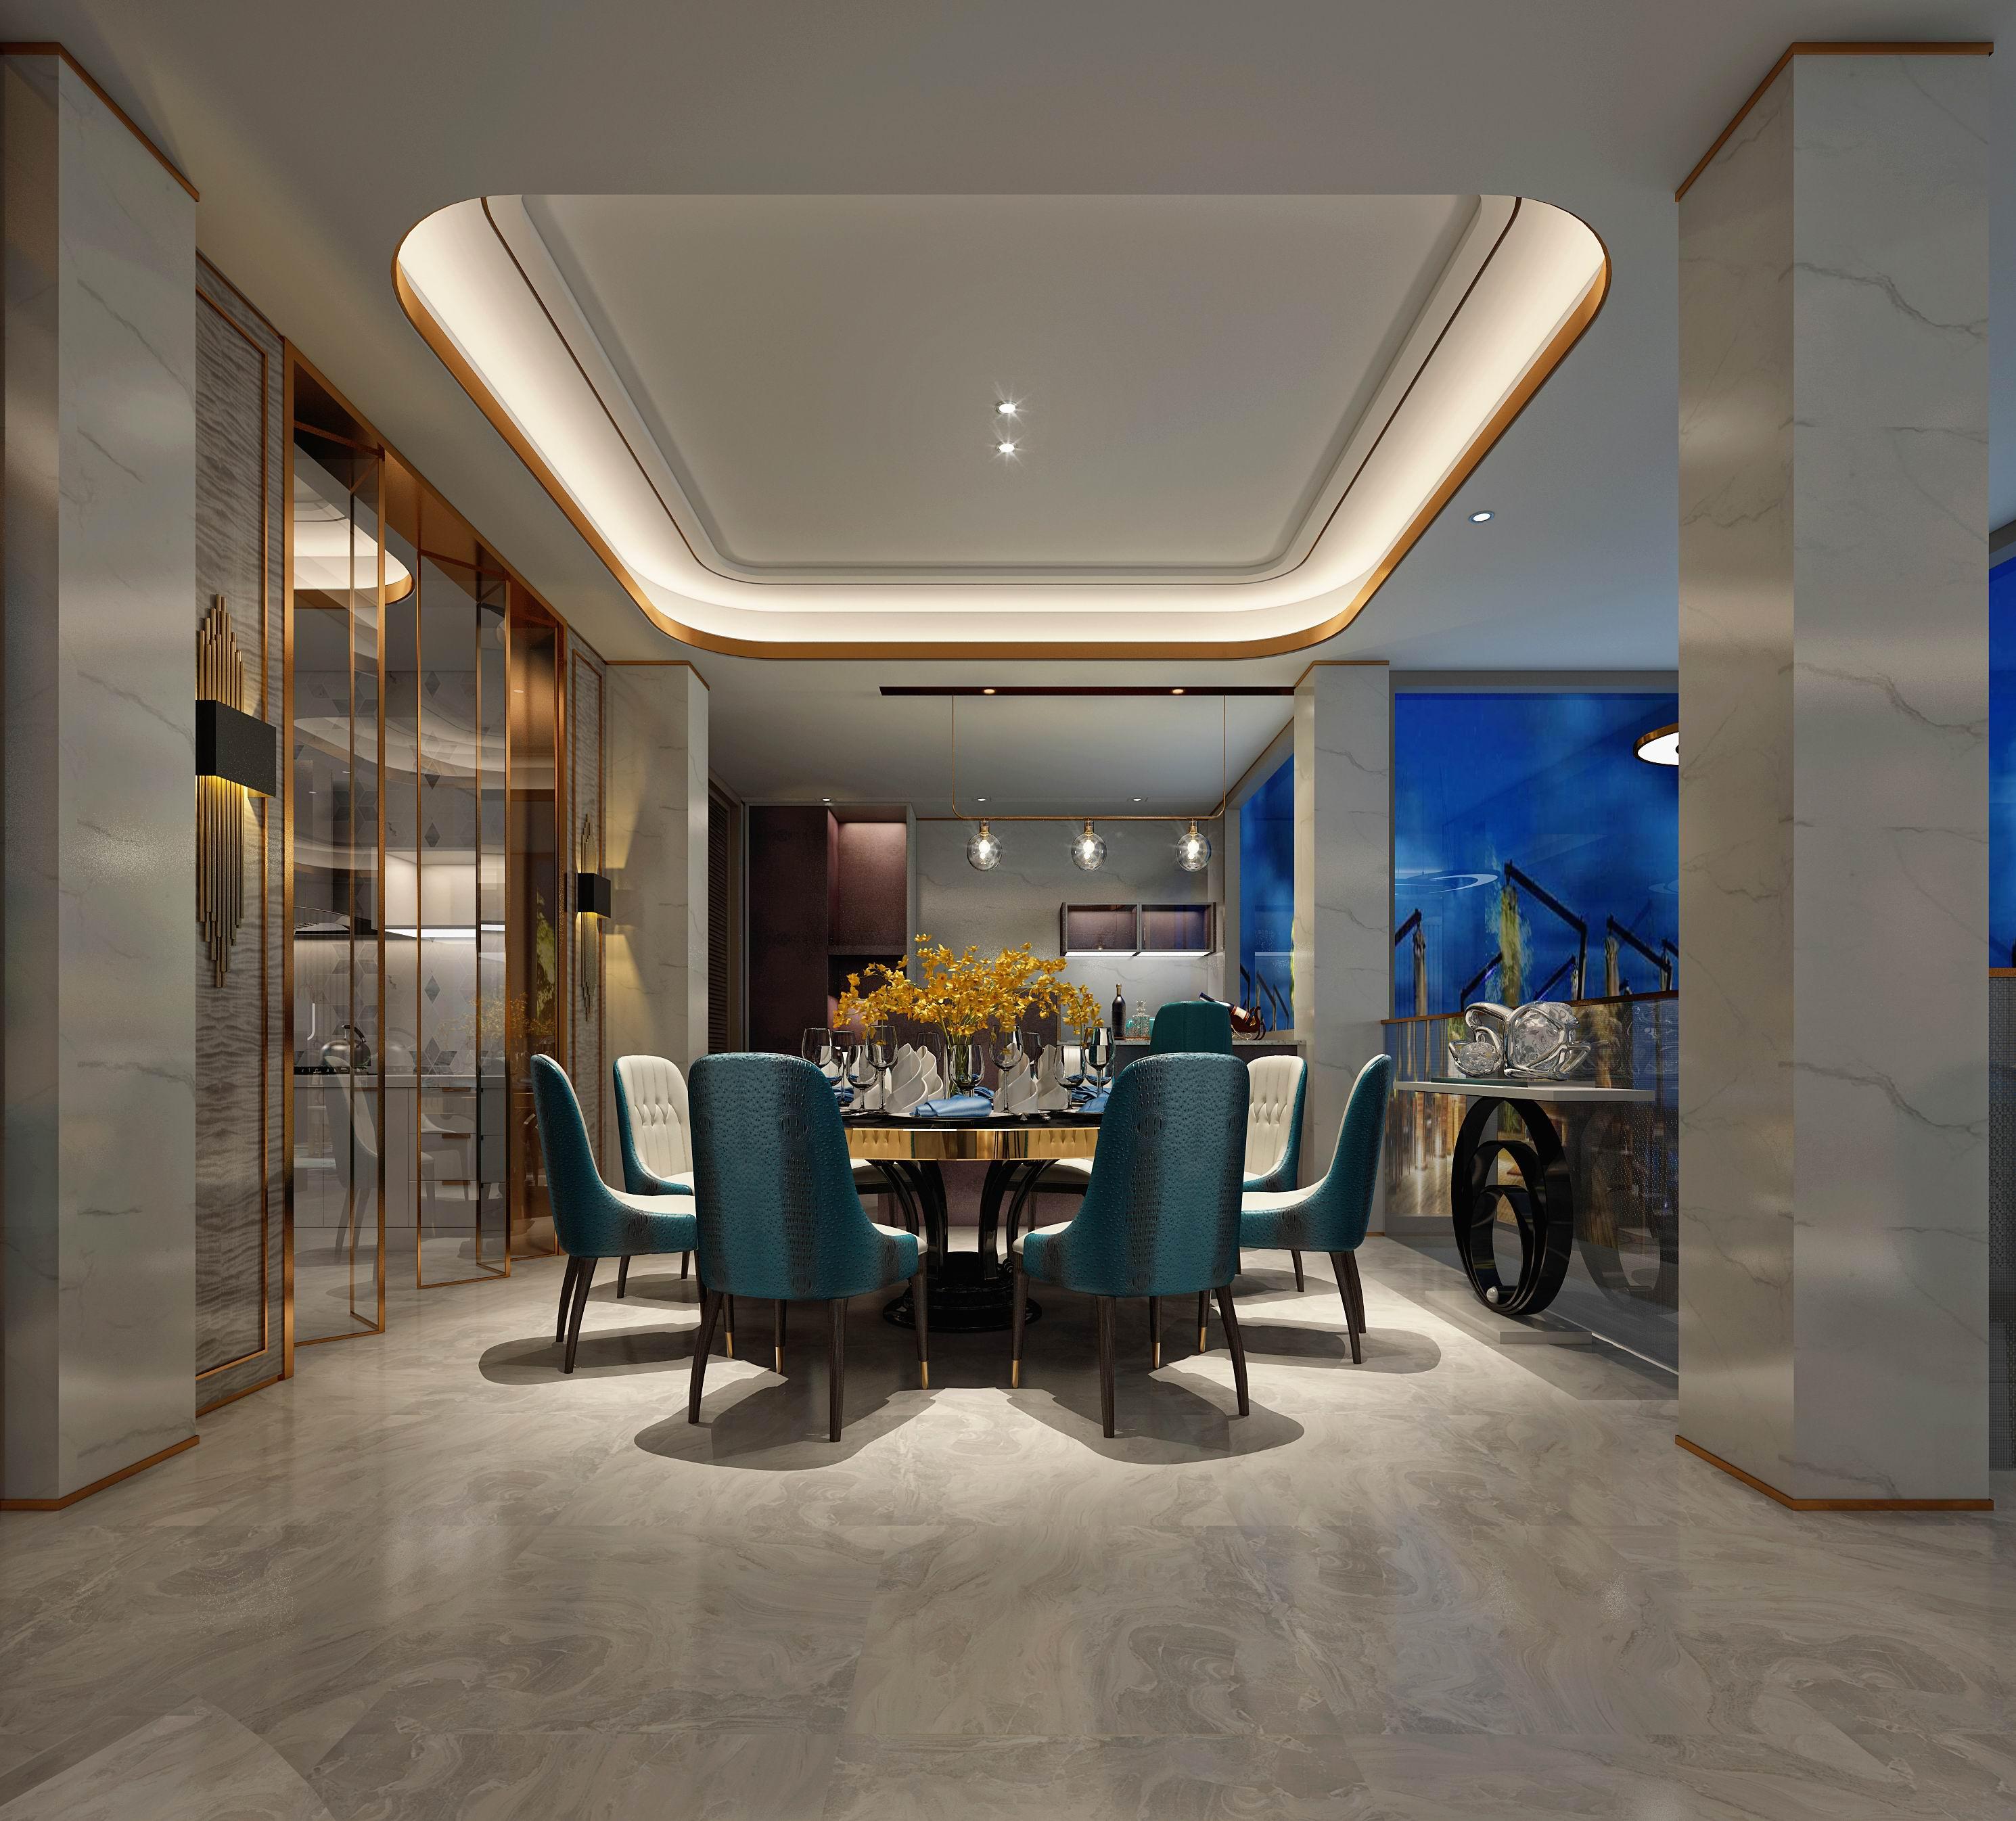 别墅 设计 装修 案例 港式风格 餐厅图片来自无锡别墅设计s在复地源墅440㎡港式风格别墅案例的分享